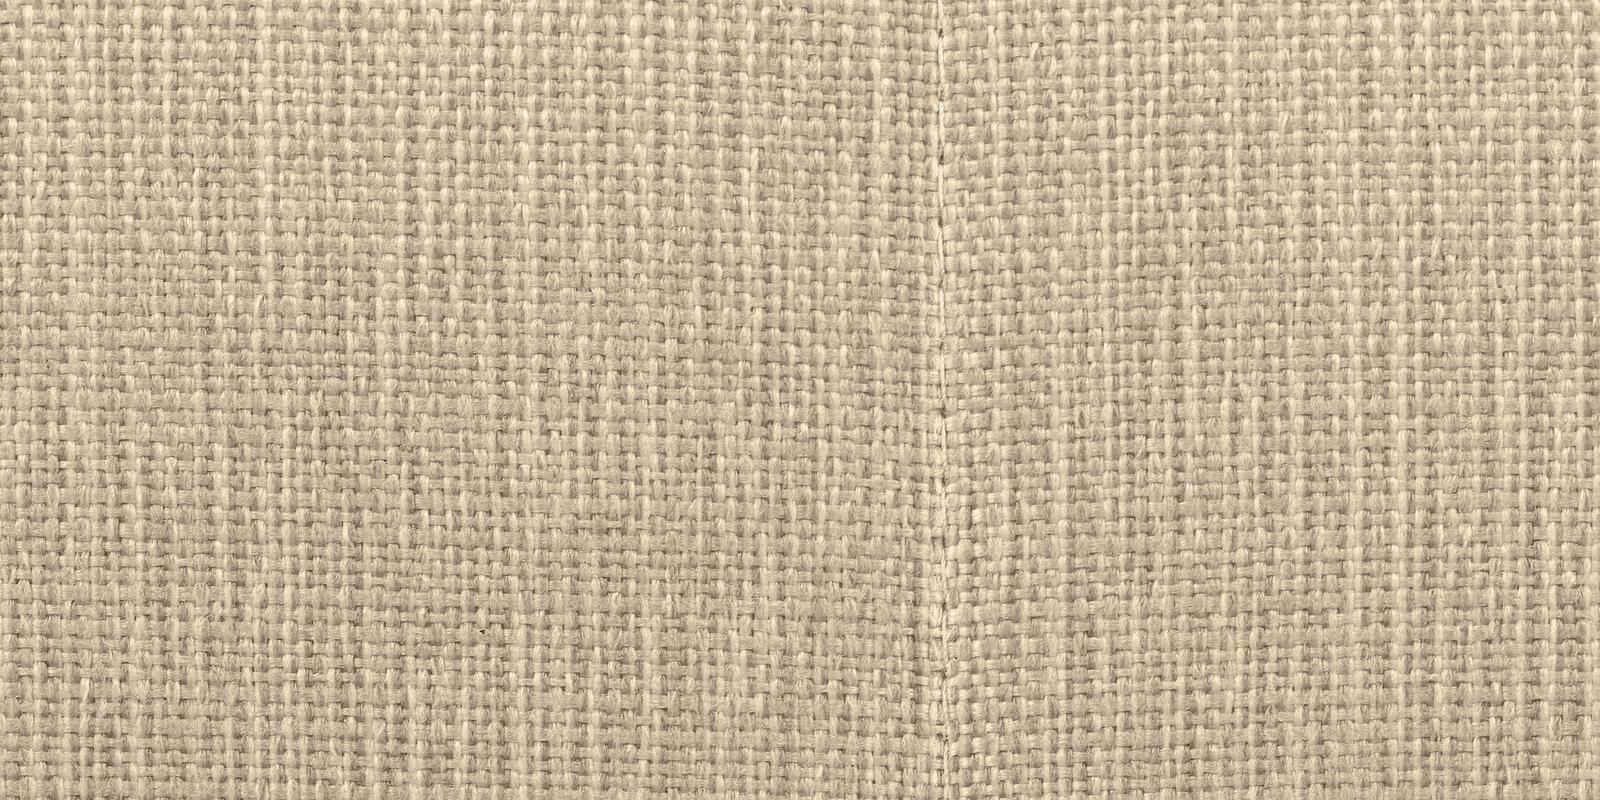 Кресло тканевое Барон Madagascar бежевый (Ткань + Экокожа)